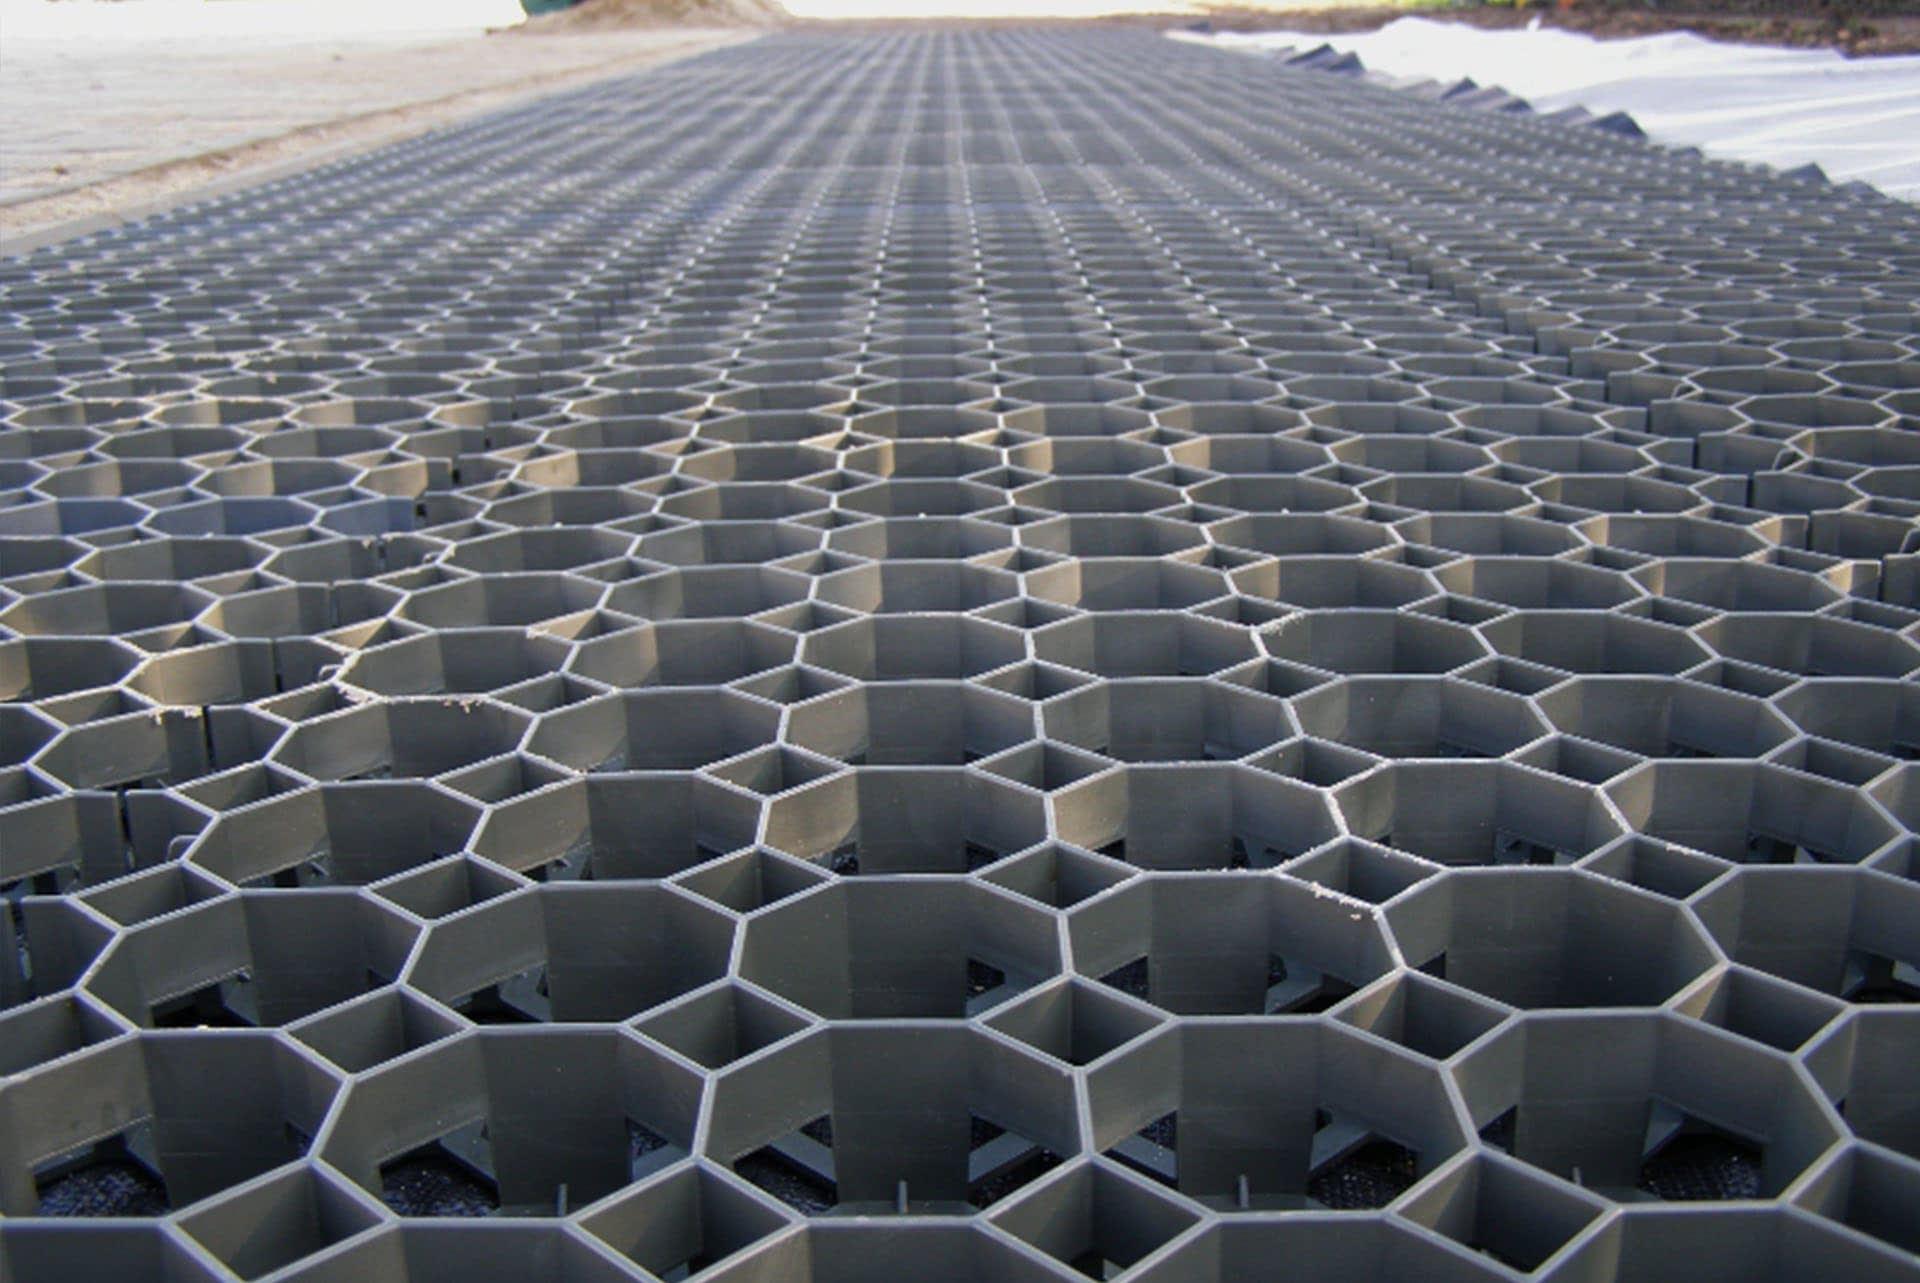 elite-grass-grid-composite-alternative-ground-reinforcement-stabilisation-landscaping